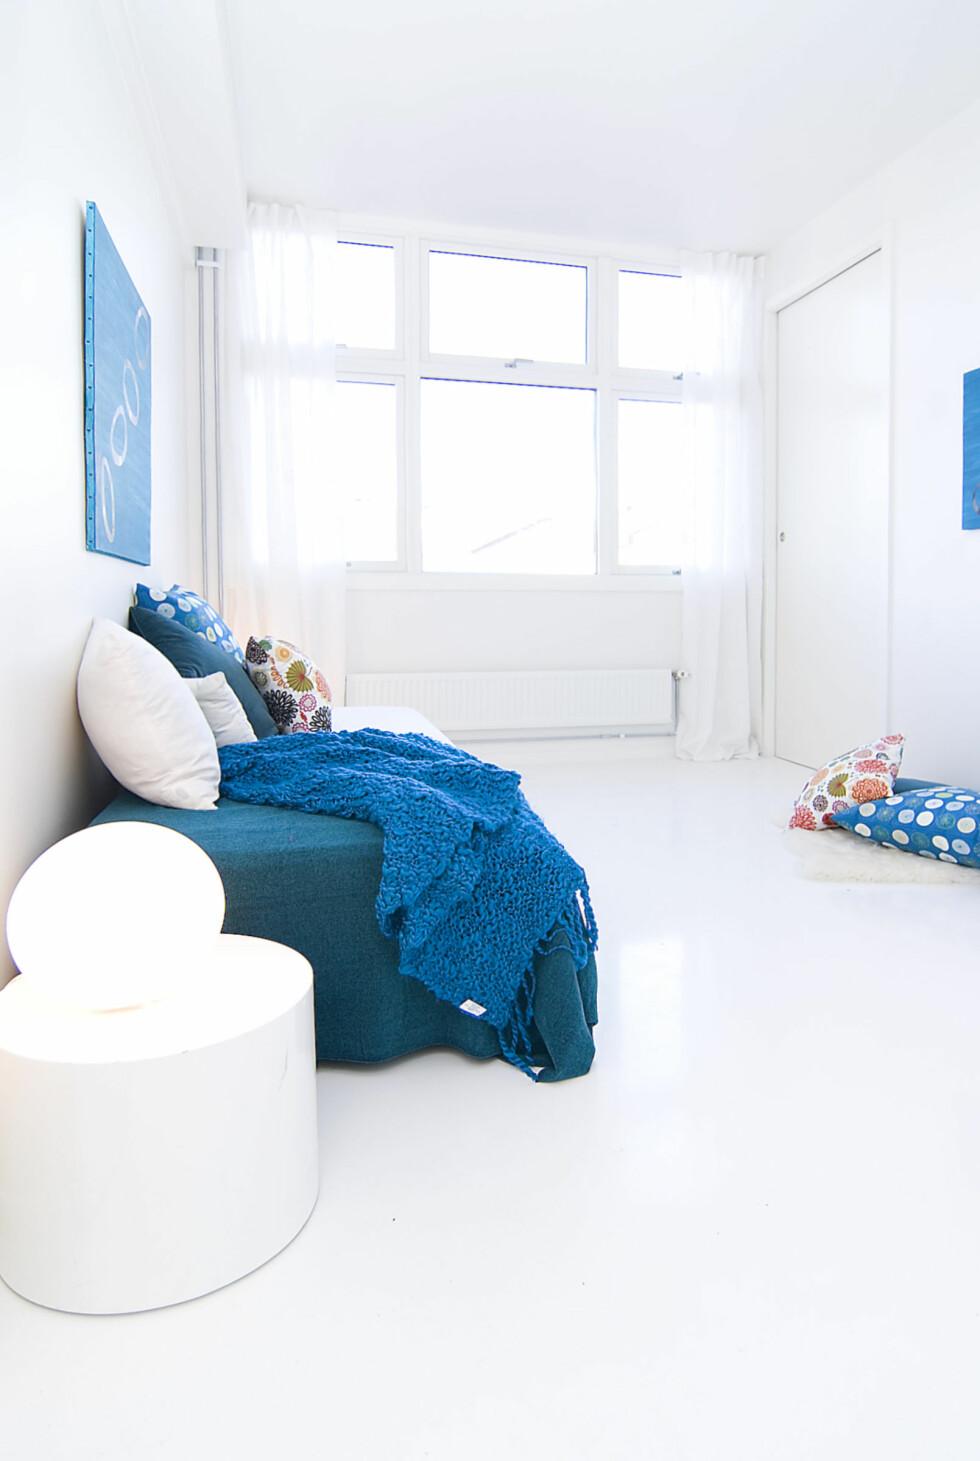 Et annet soverom fra leiligheten stylet av Kreativ Bolig AS. Foto: Foto: Garanti Eiendomsmegling